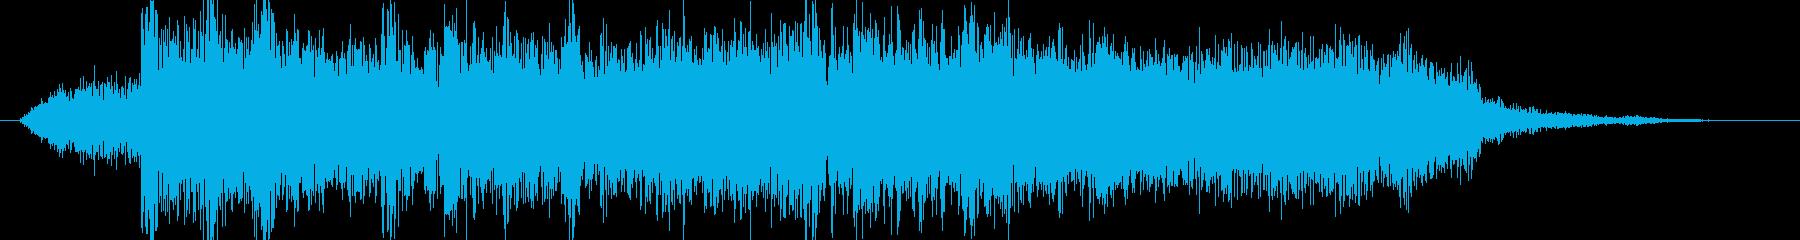 高音質♪ロックアップ出囃子の再生済みの波形